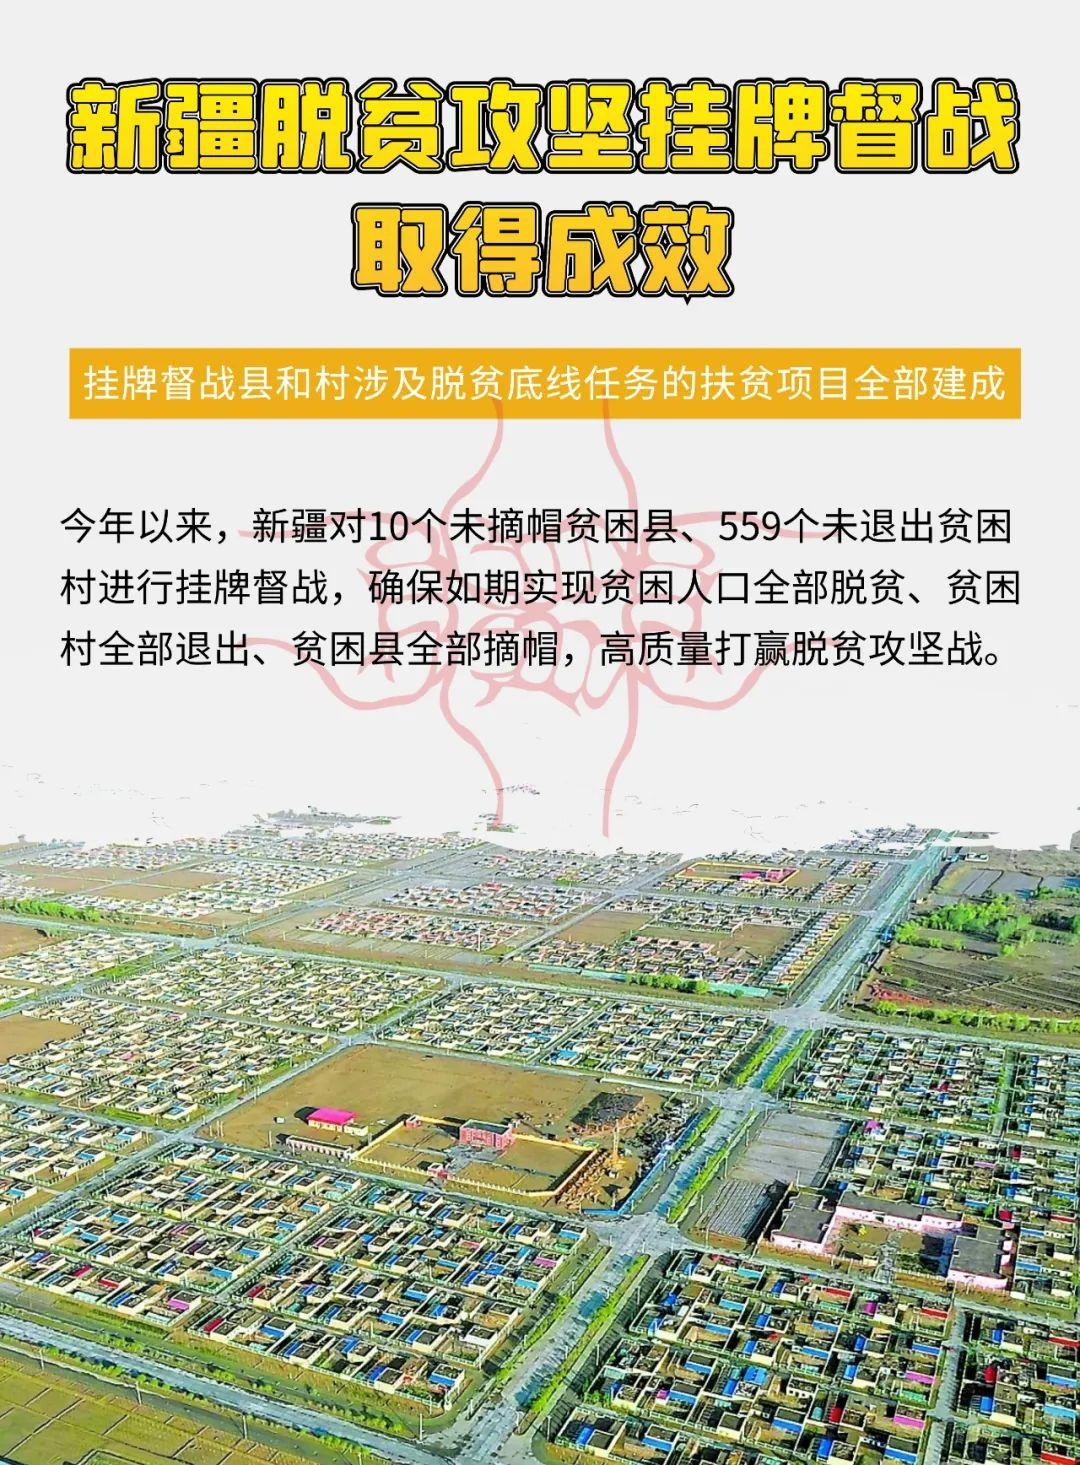 新疆挂牌督战县和村涉及脱贫底线任务的扶贫项目全部建成